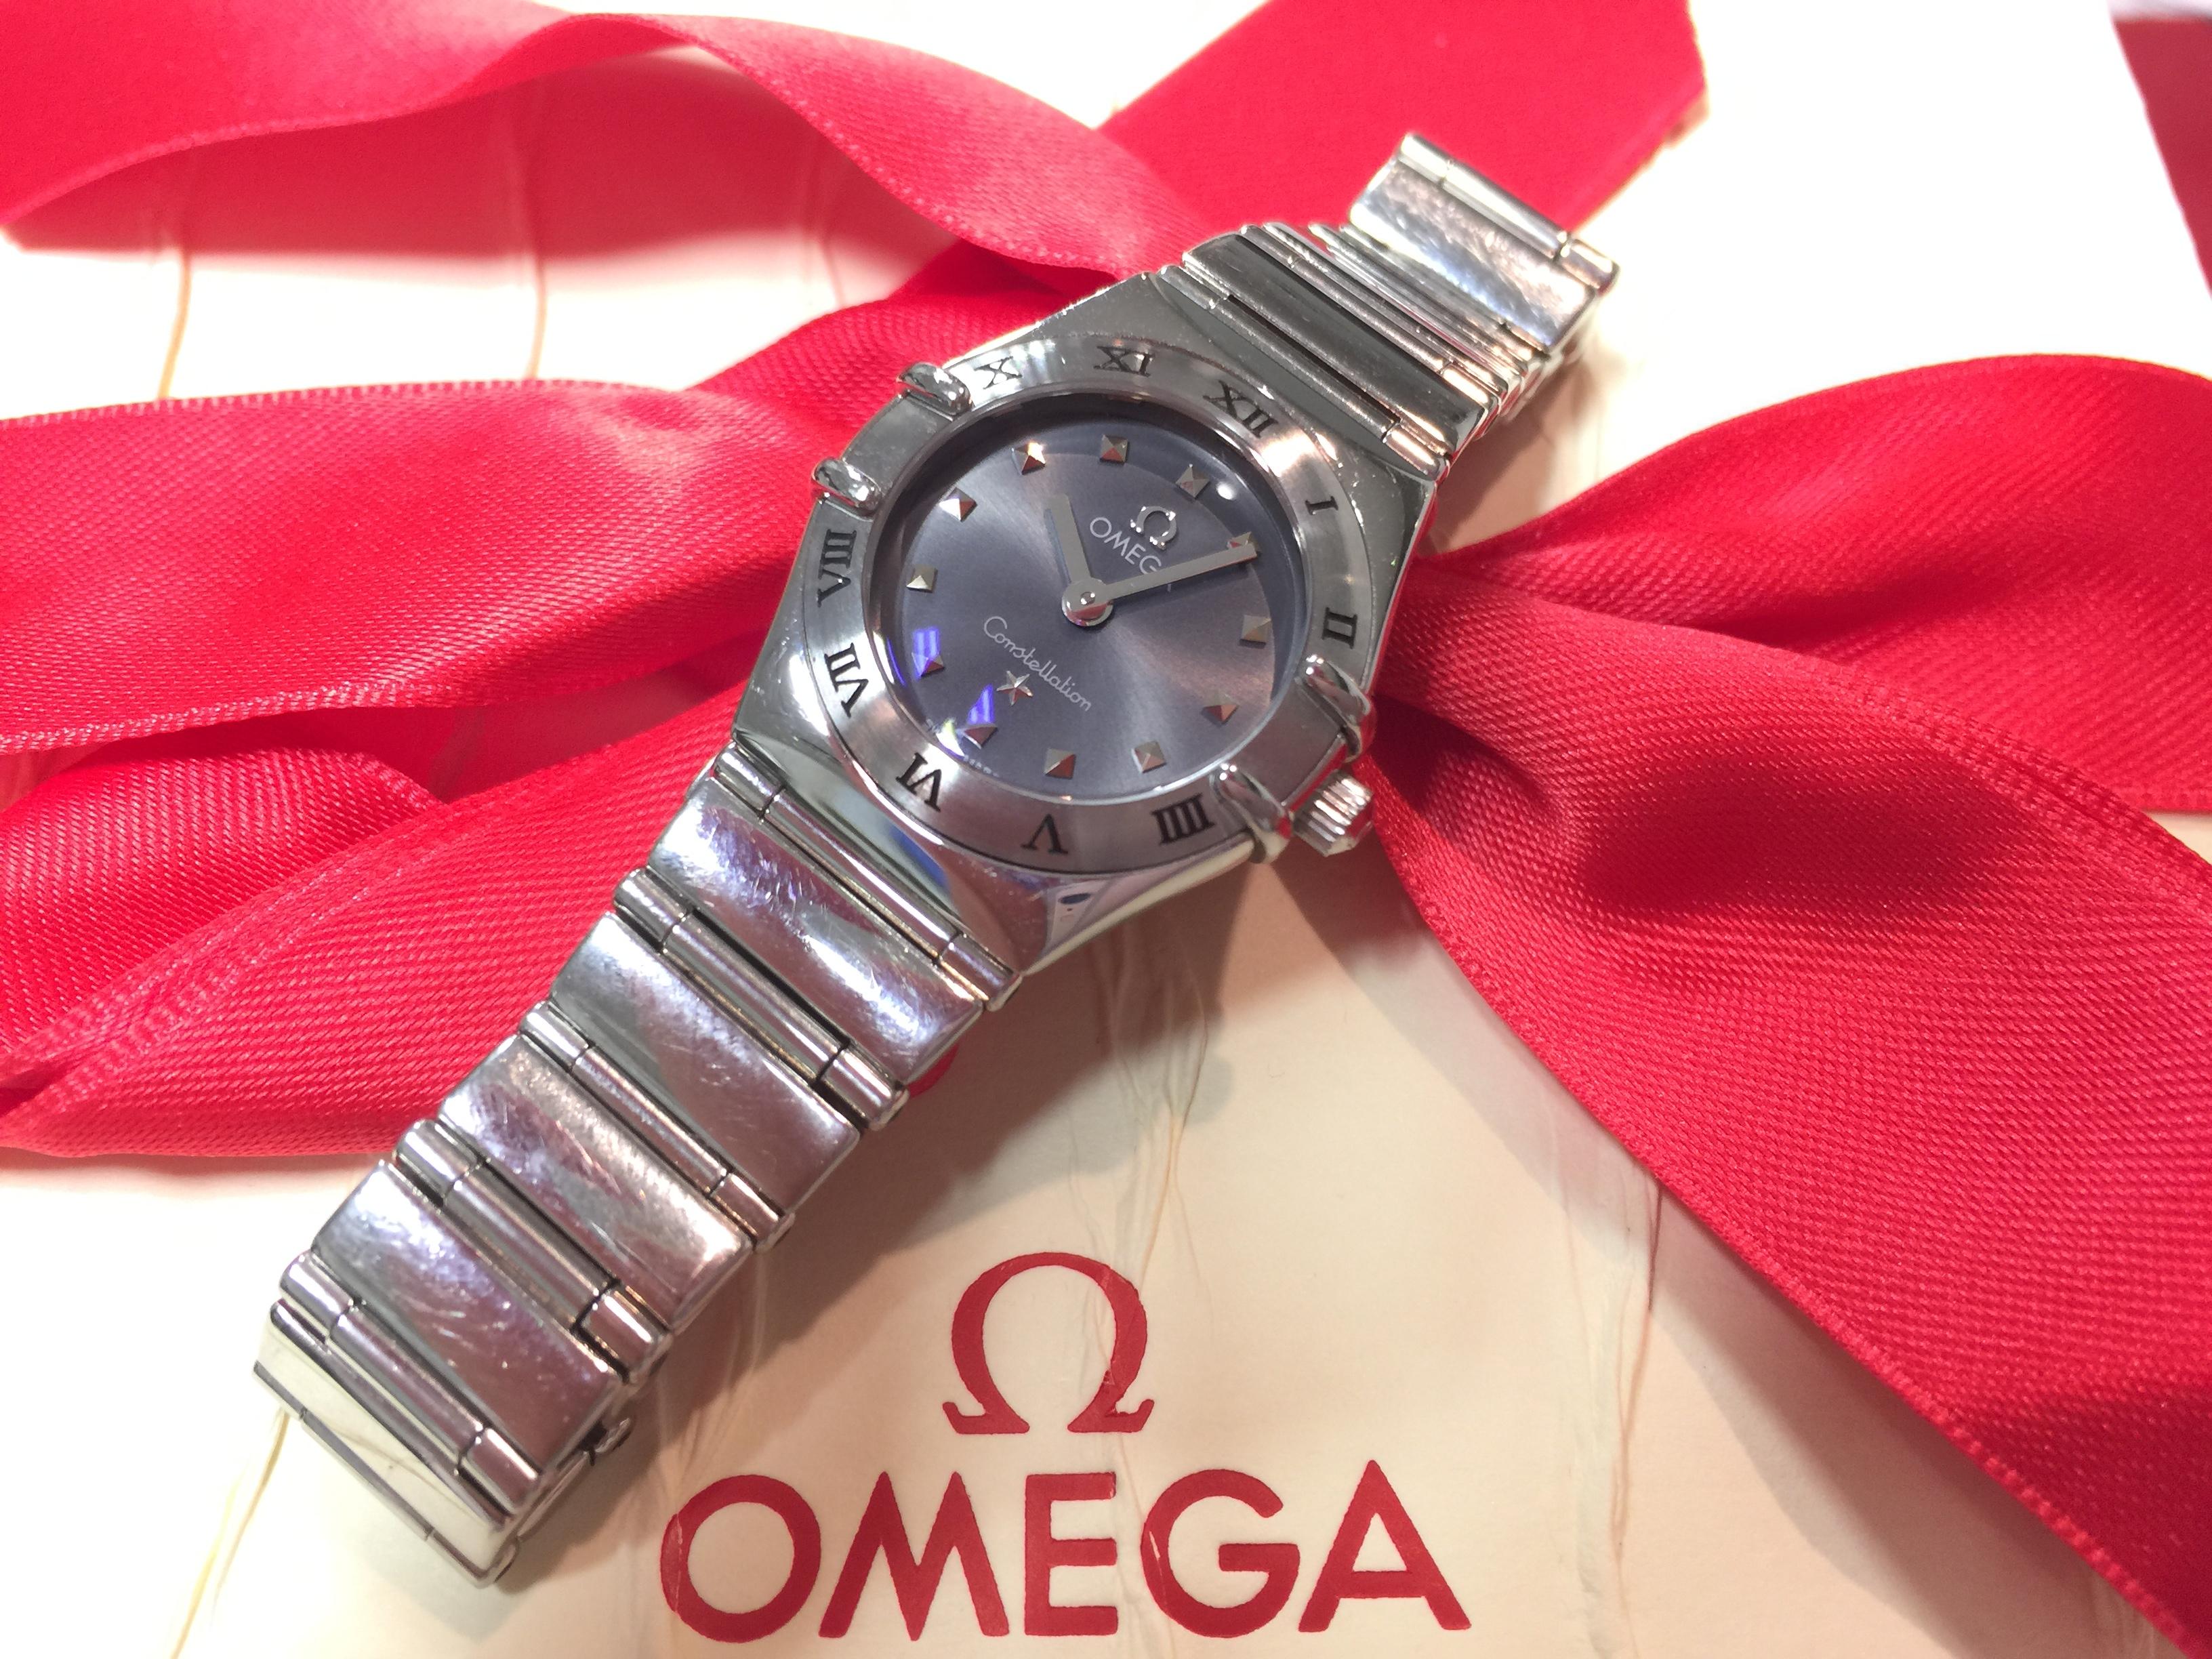 オメガ OMEGA コンステレーション クォーツ 1561.51